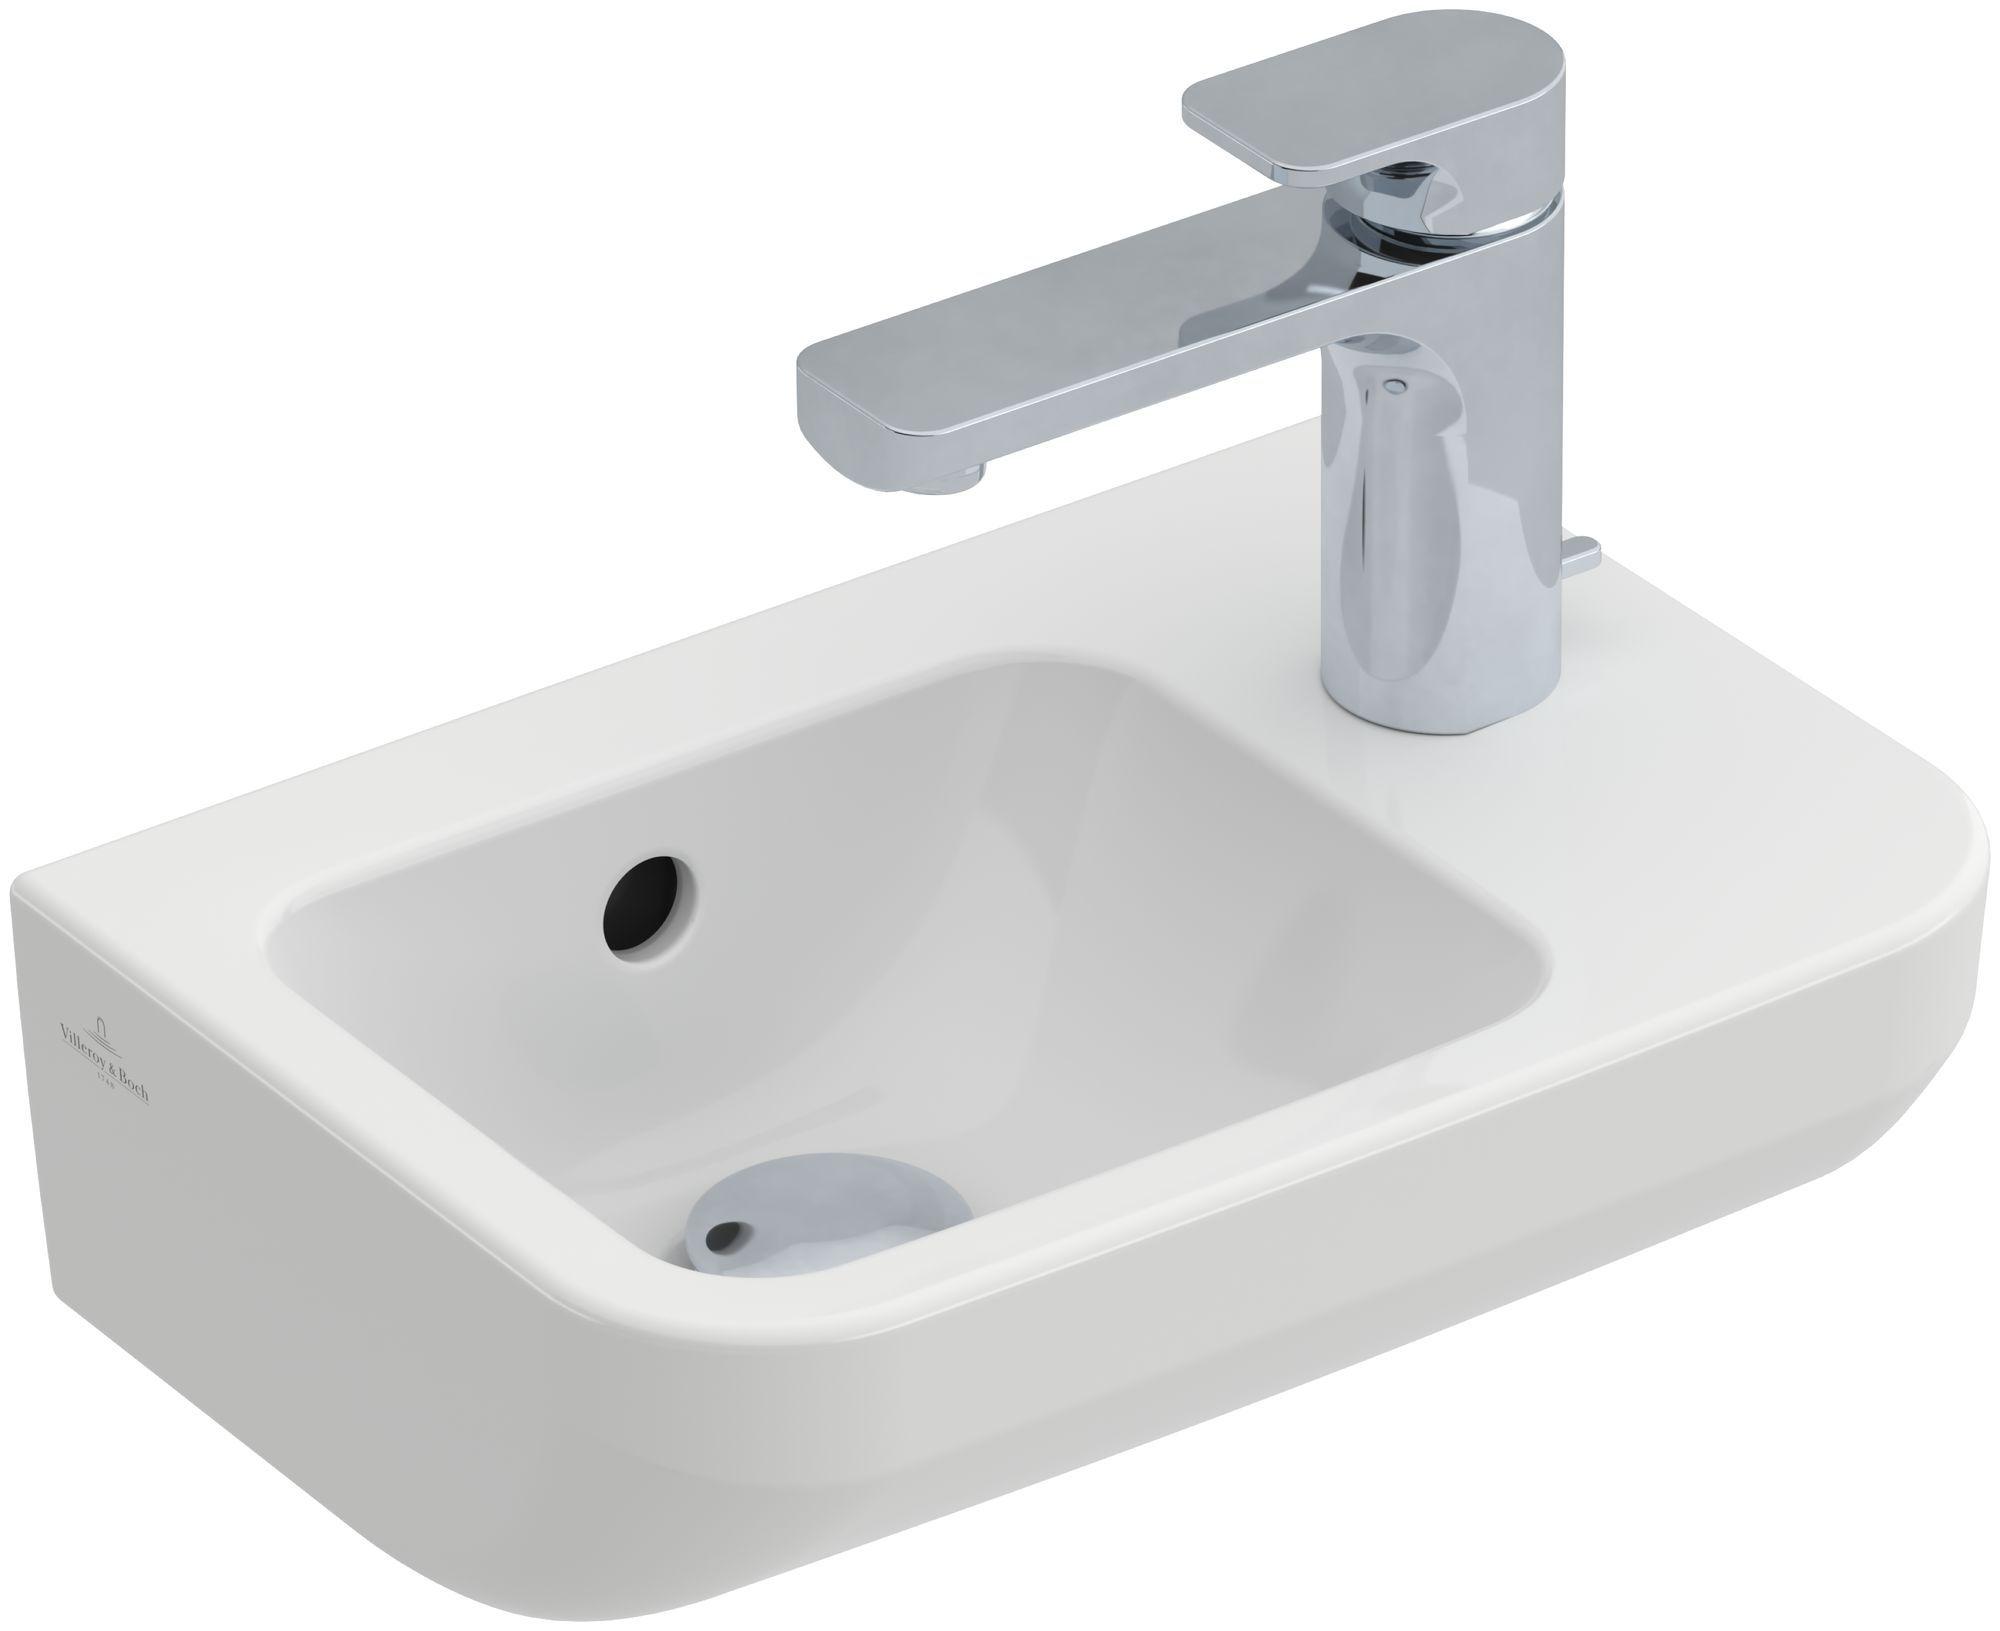 Villeroy & Boch Architectura Handwaschbecken B:36xT:26cm mit 1 Hahnloch rechts mit Überlauf weiß mit CeramicPlus 437336R1